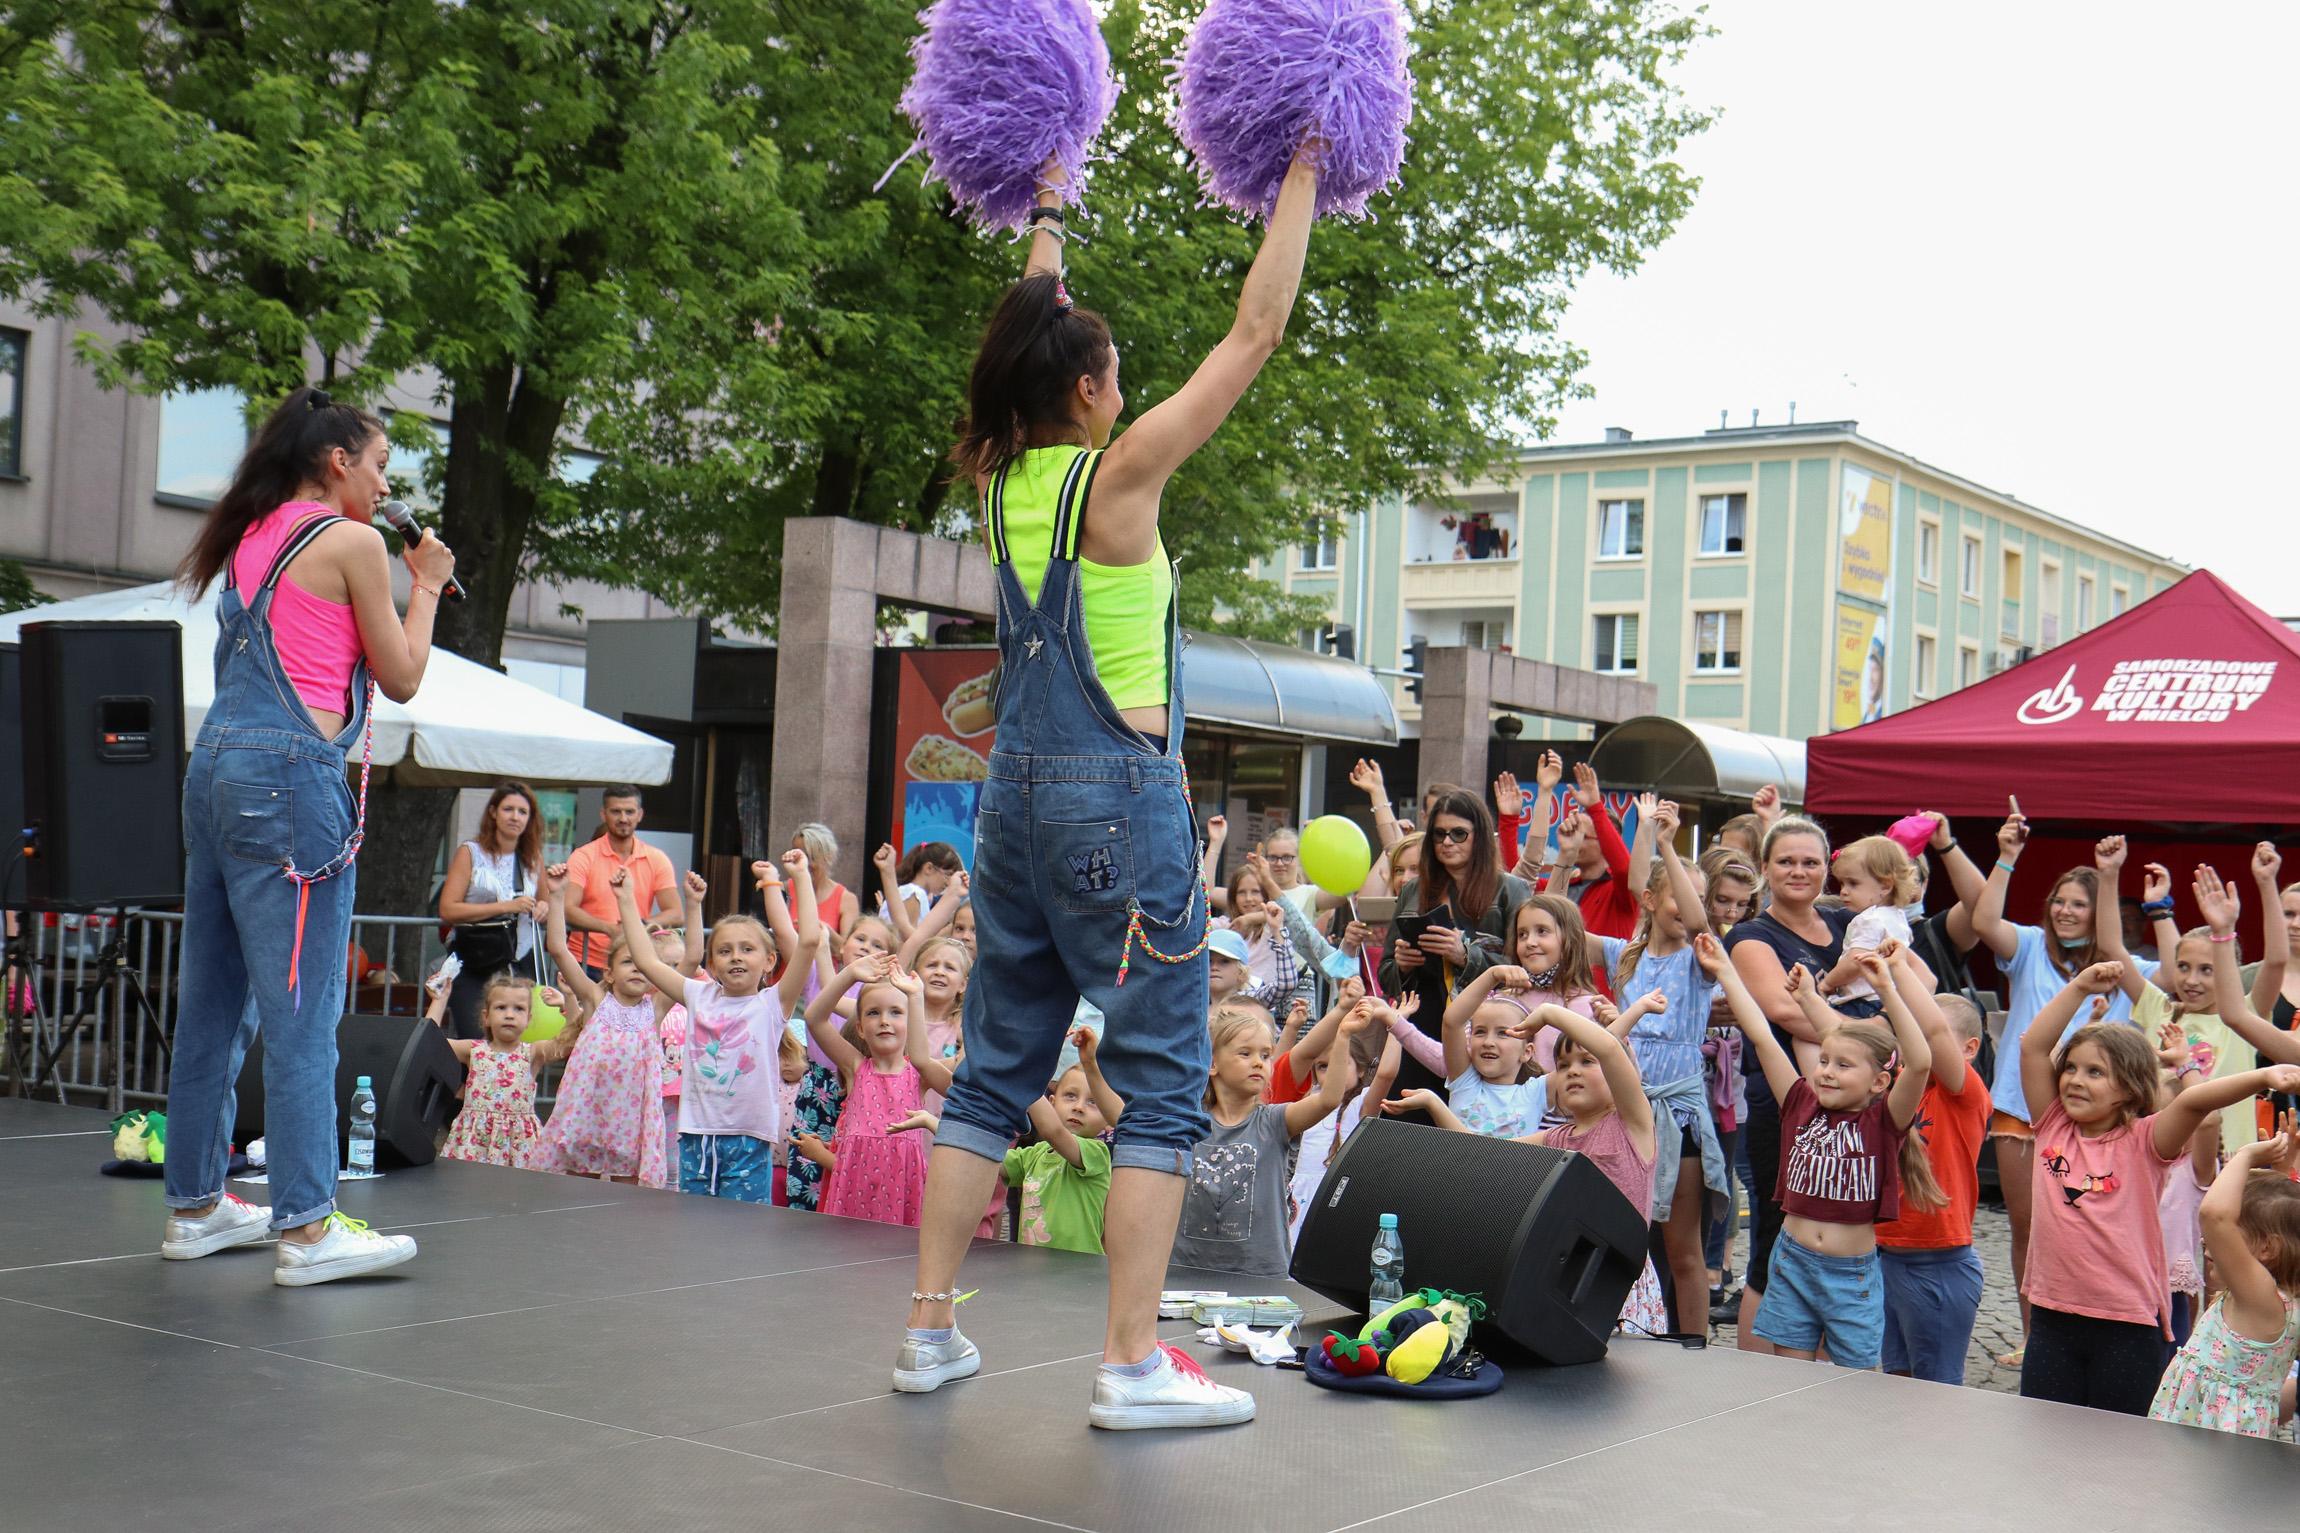 Pogoda nie pokrzyżowała planów! Miejski Dzień Dziecka w Mielcu przyciągnął tłumy - Zdjęcie główne